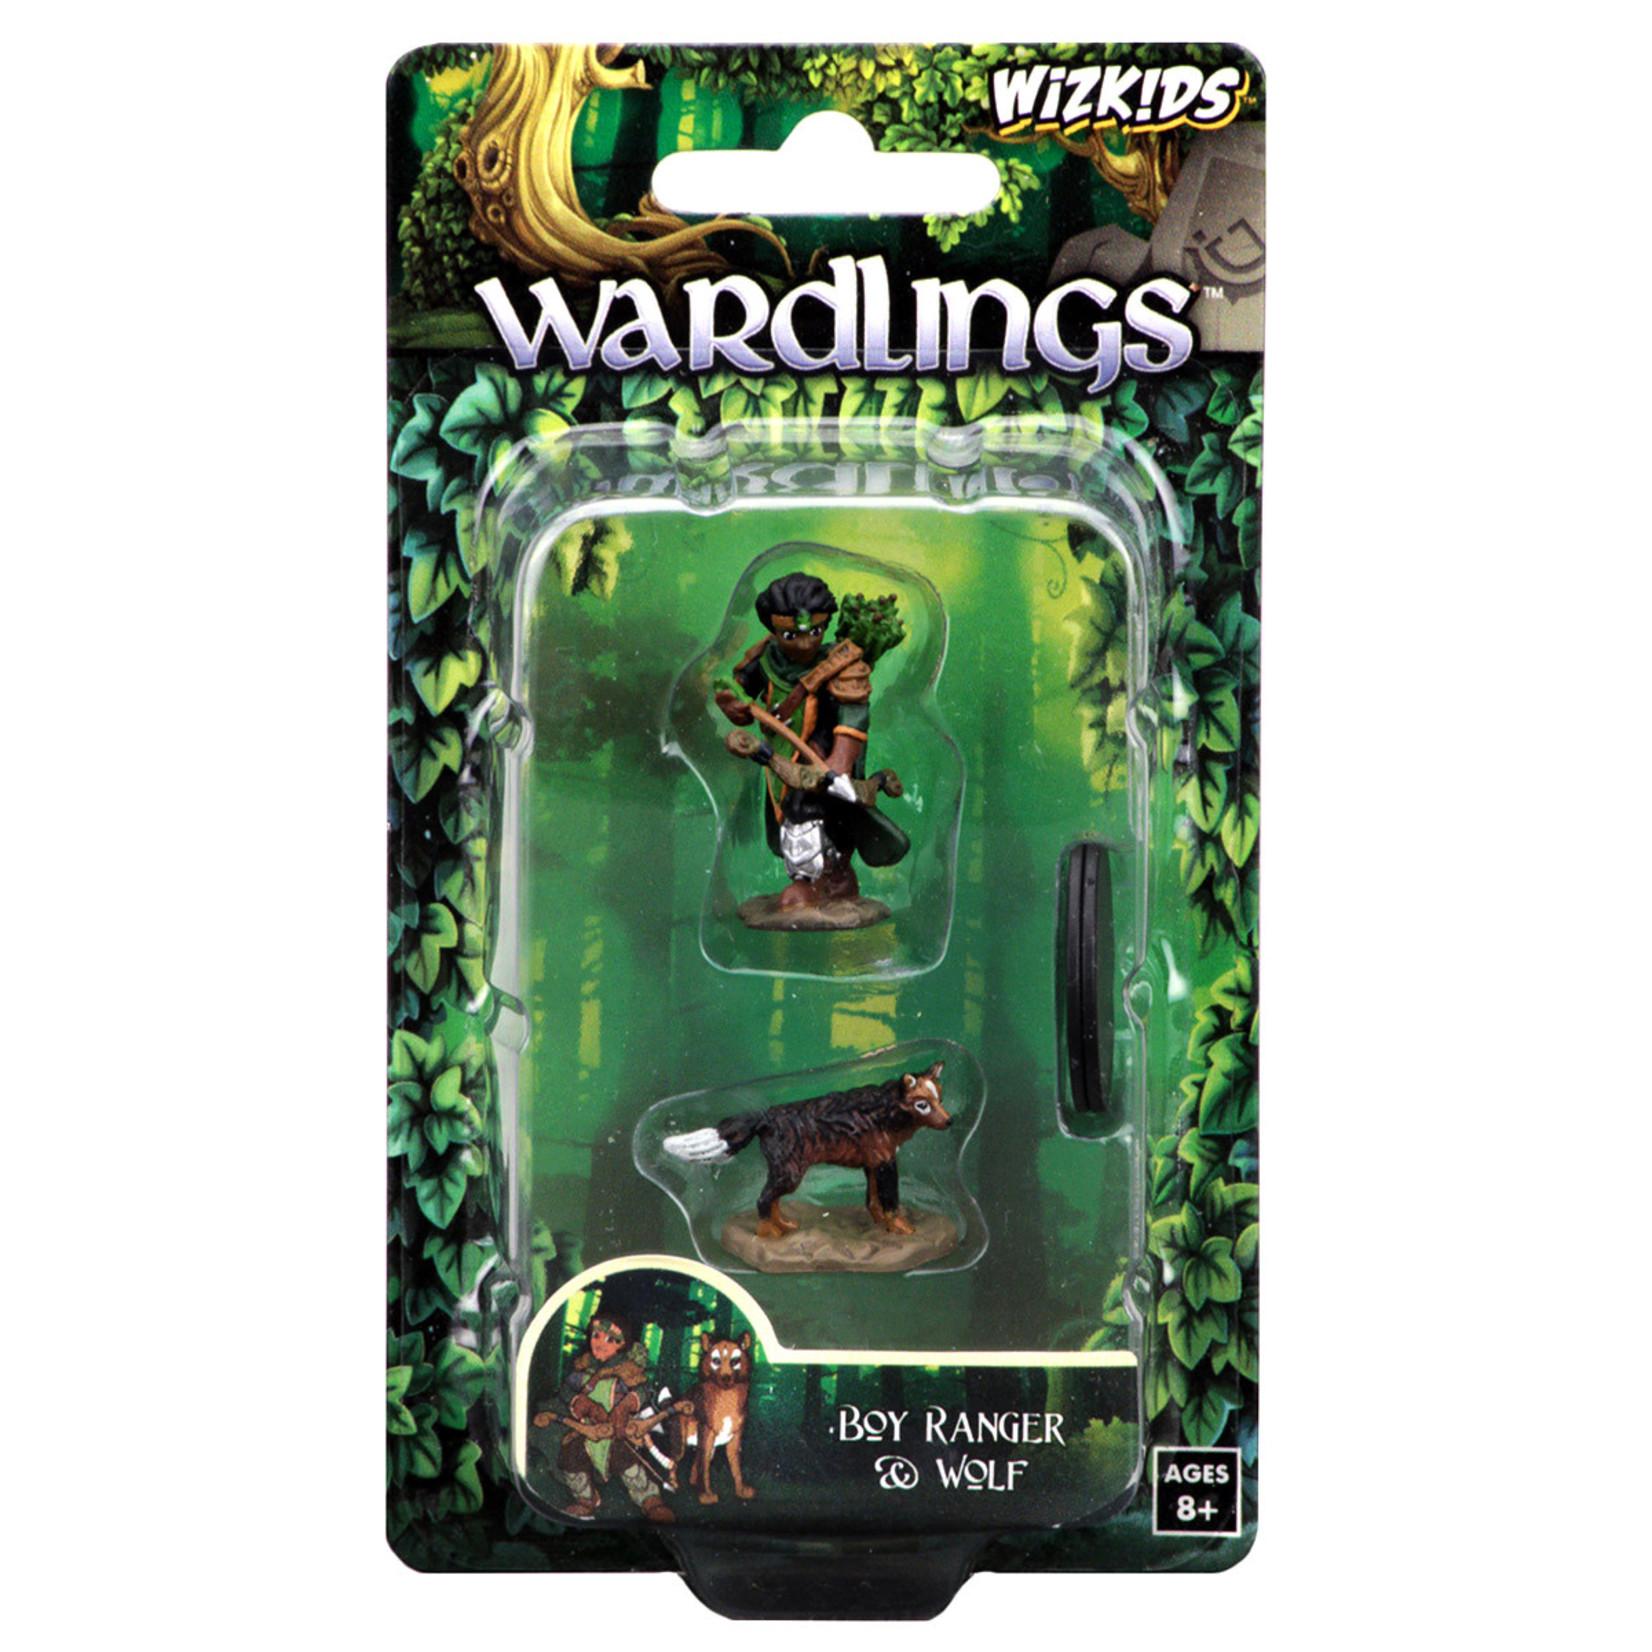 WizKids WizKids Wardlings: Boy Ranger & Wolf (W2)